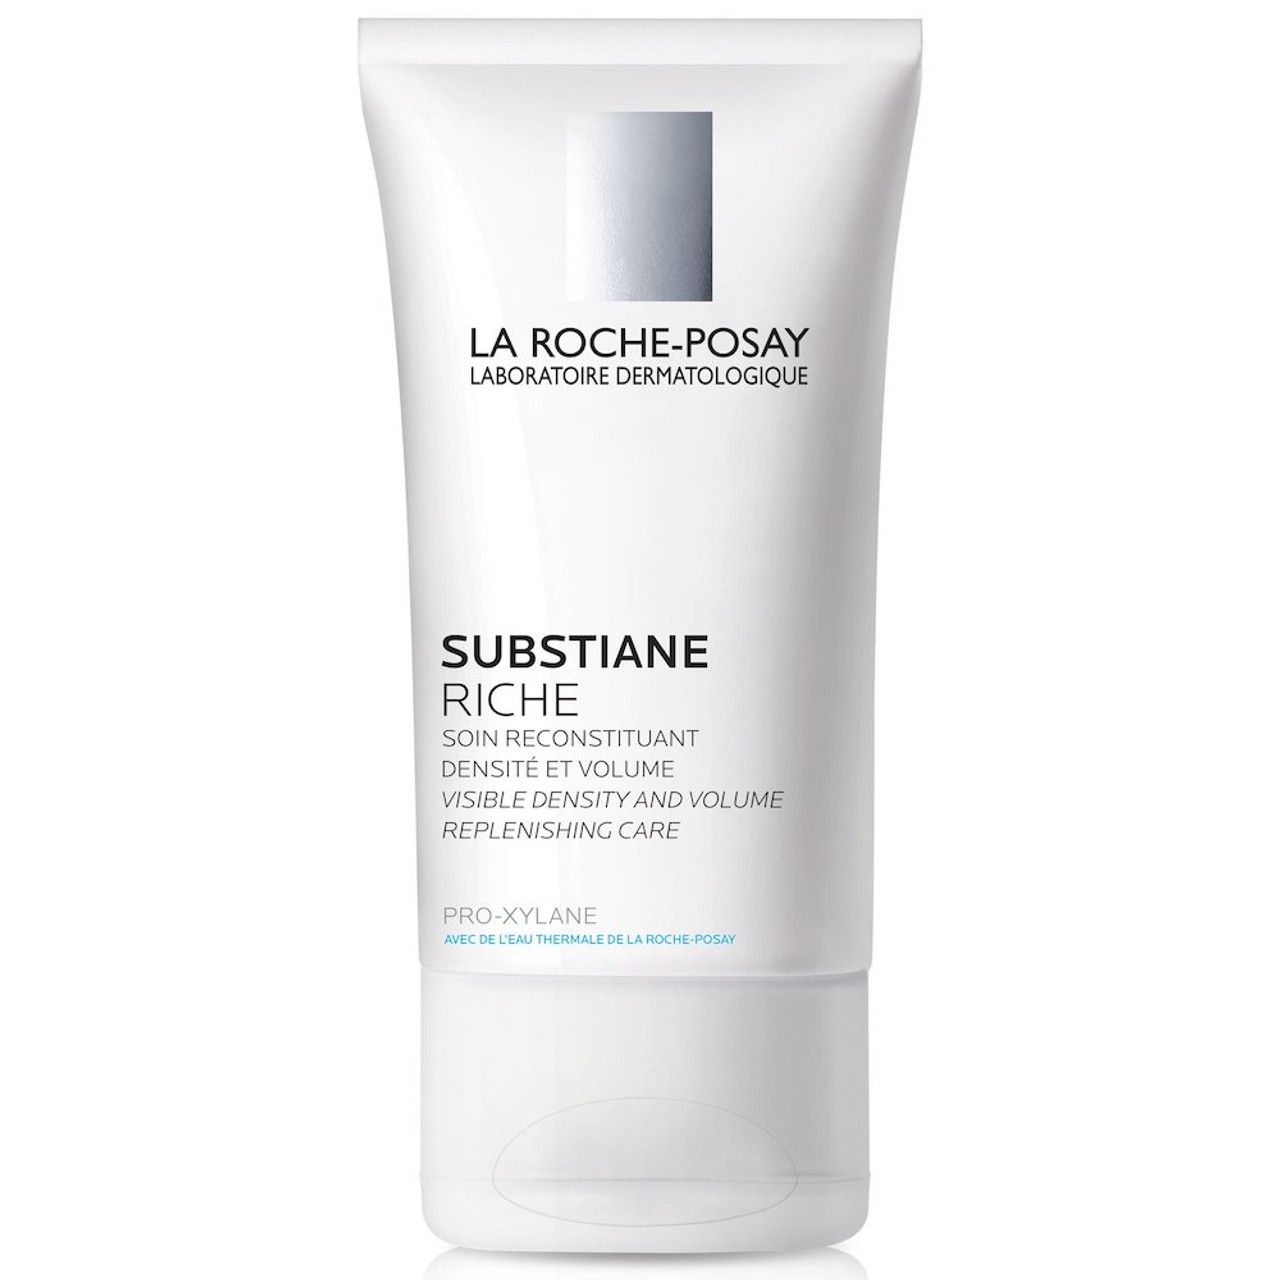 La Roche Posay Substiane Riche Anti-Aging Replenishing Cream